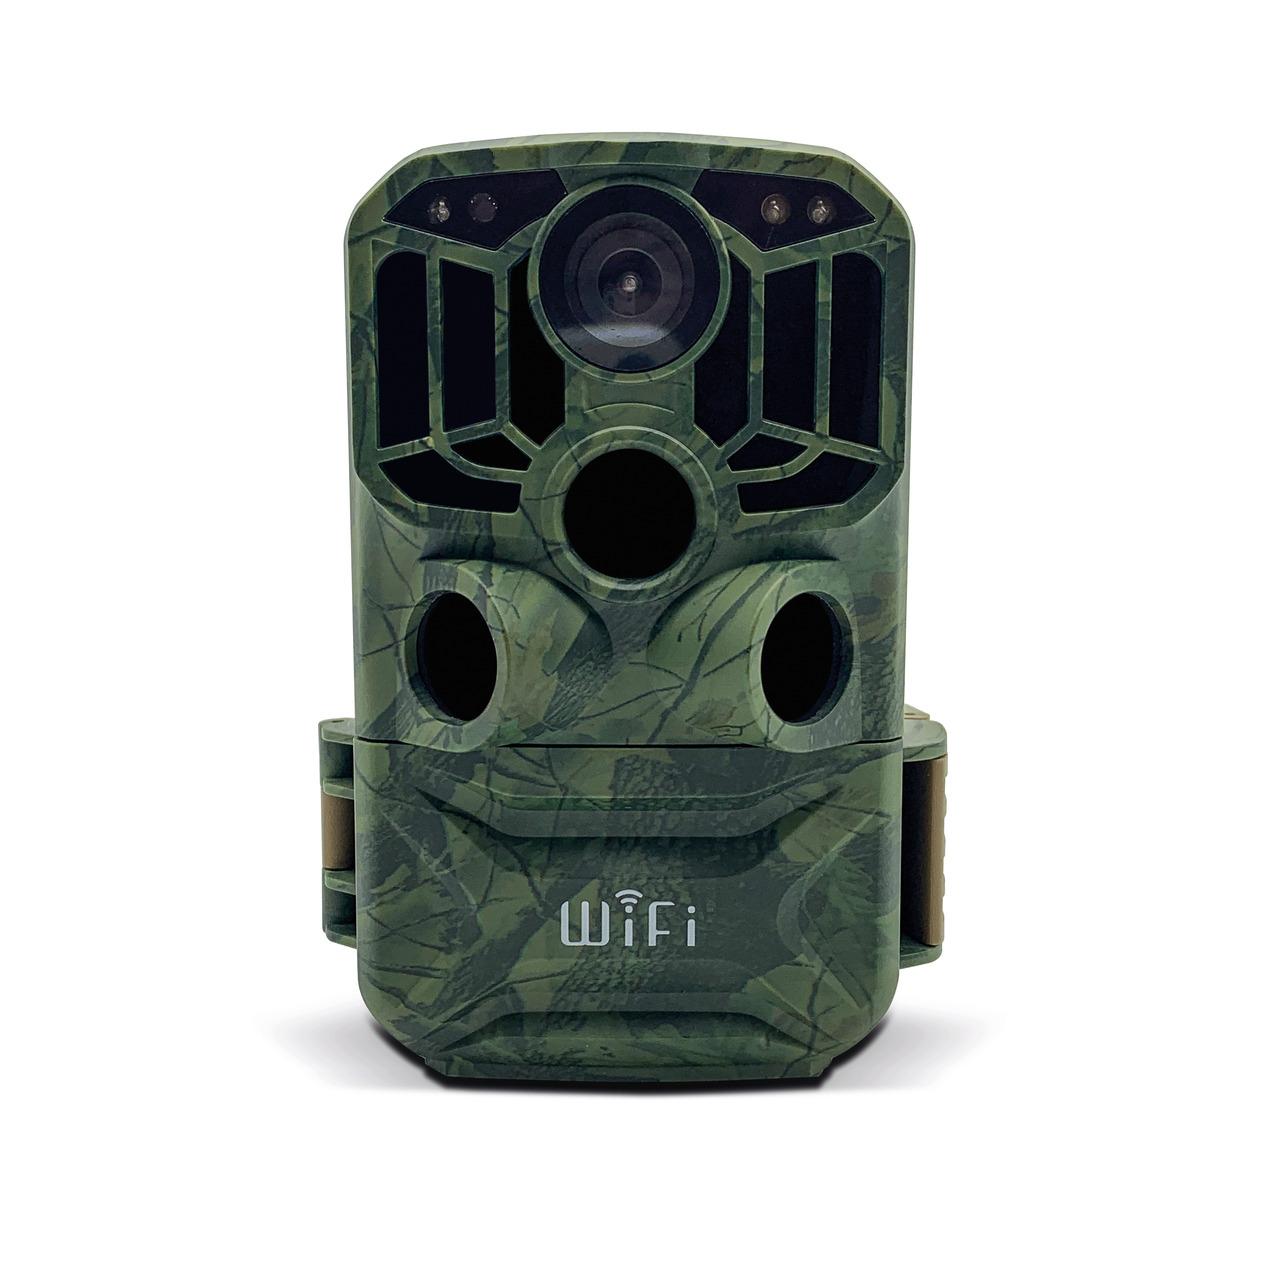 Braun Fotofalle - Wildkamera Scouting Cam Black800 WiFi- 24 MP- 1296p- IP66- Auslösezeit 0-6s